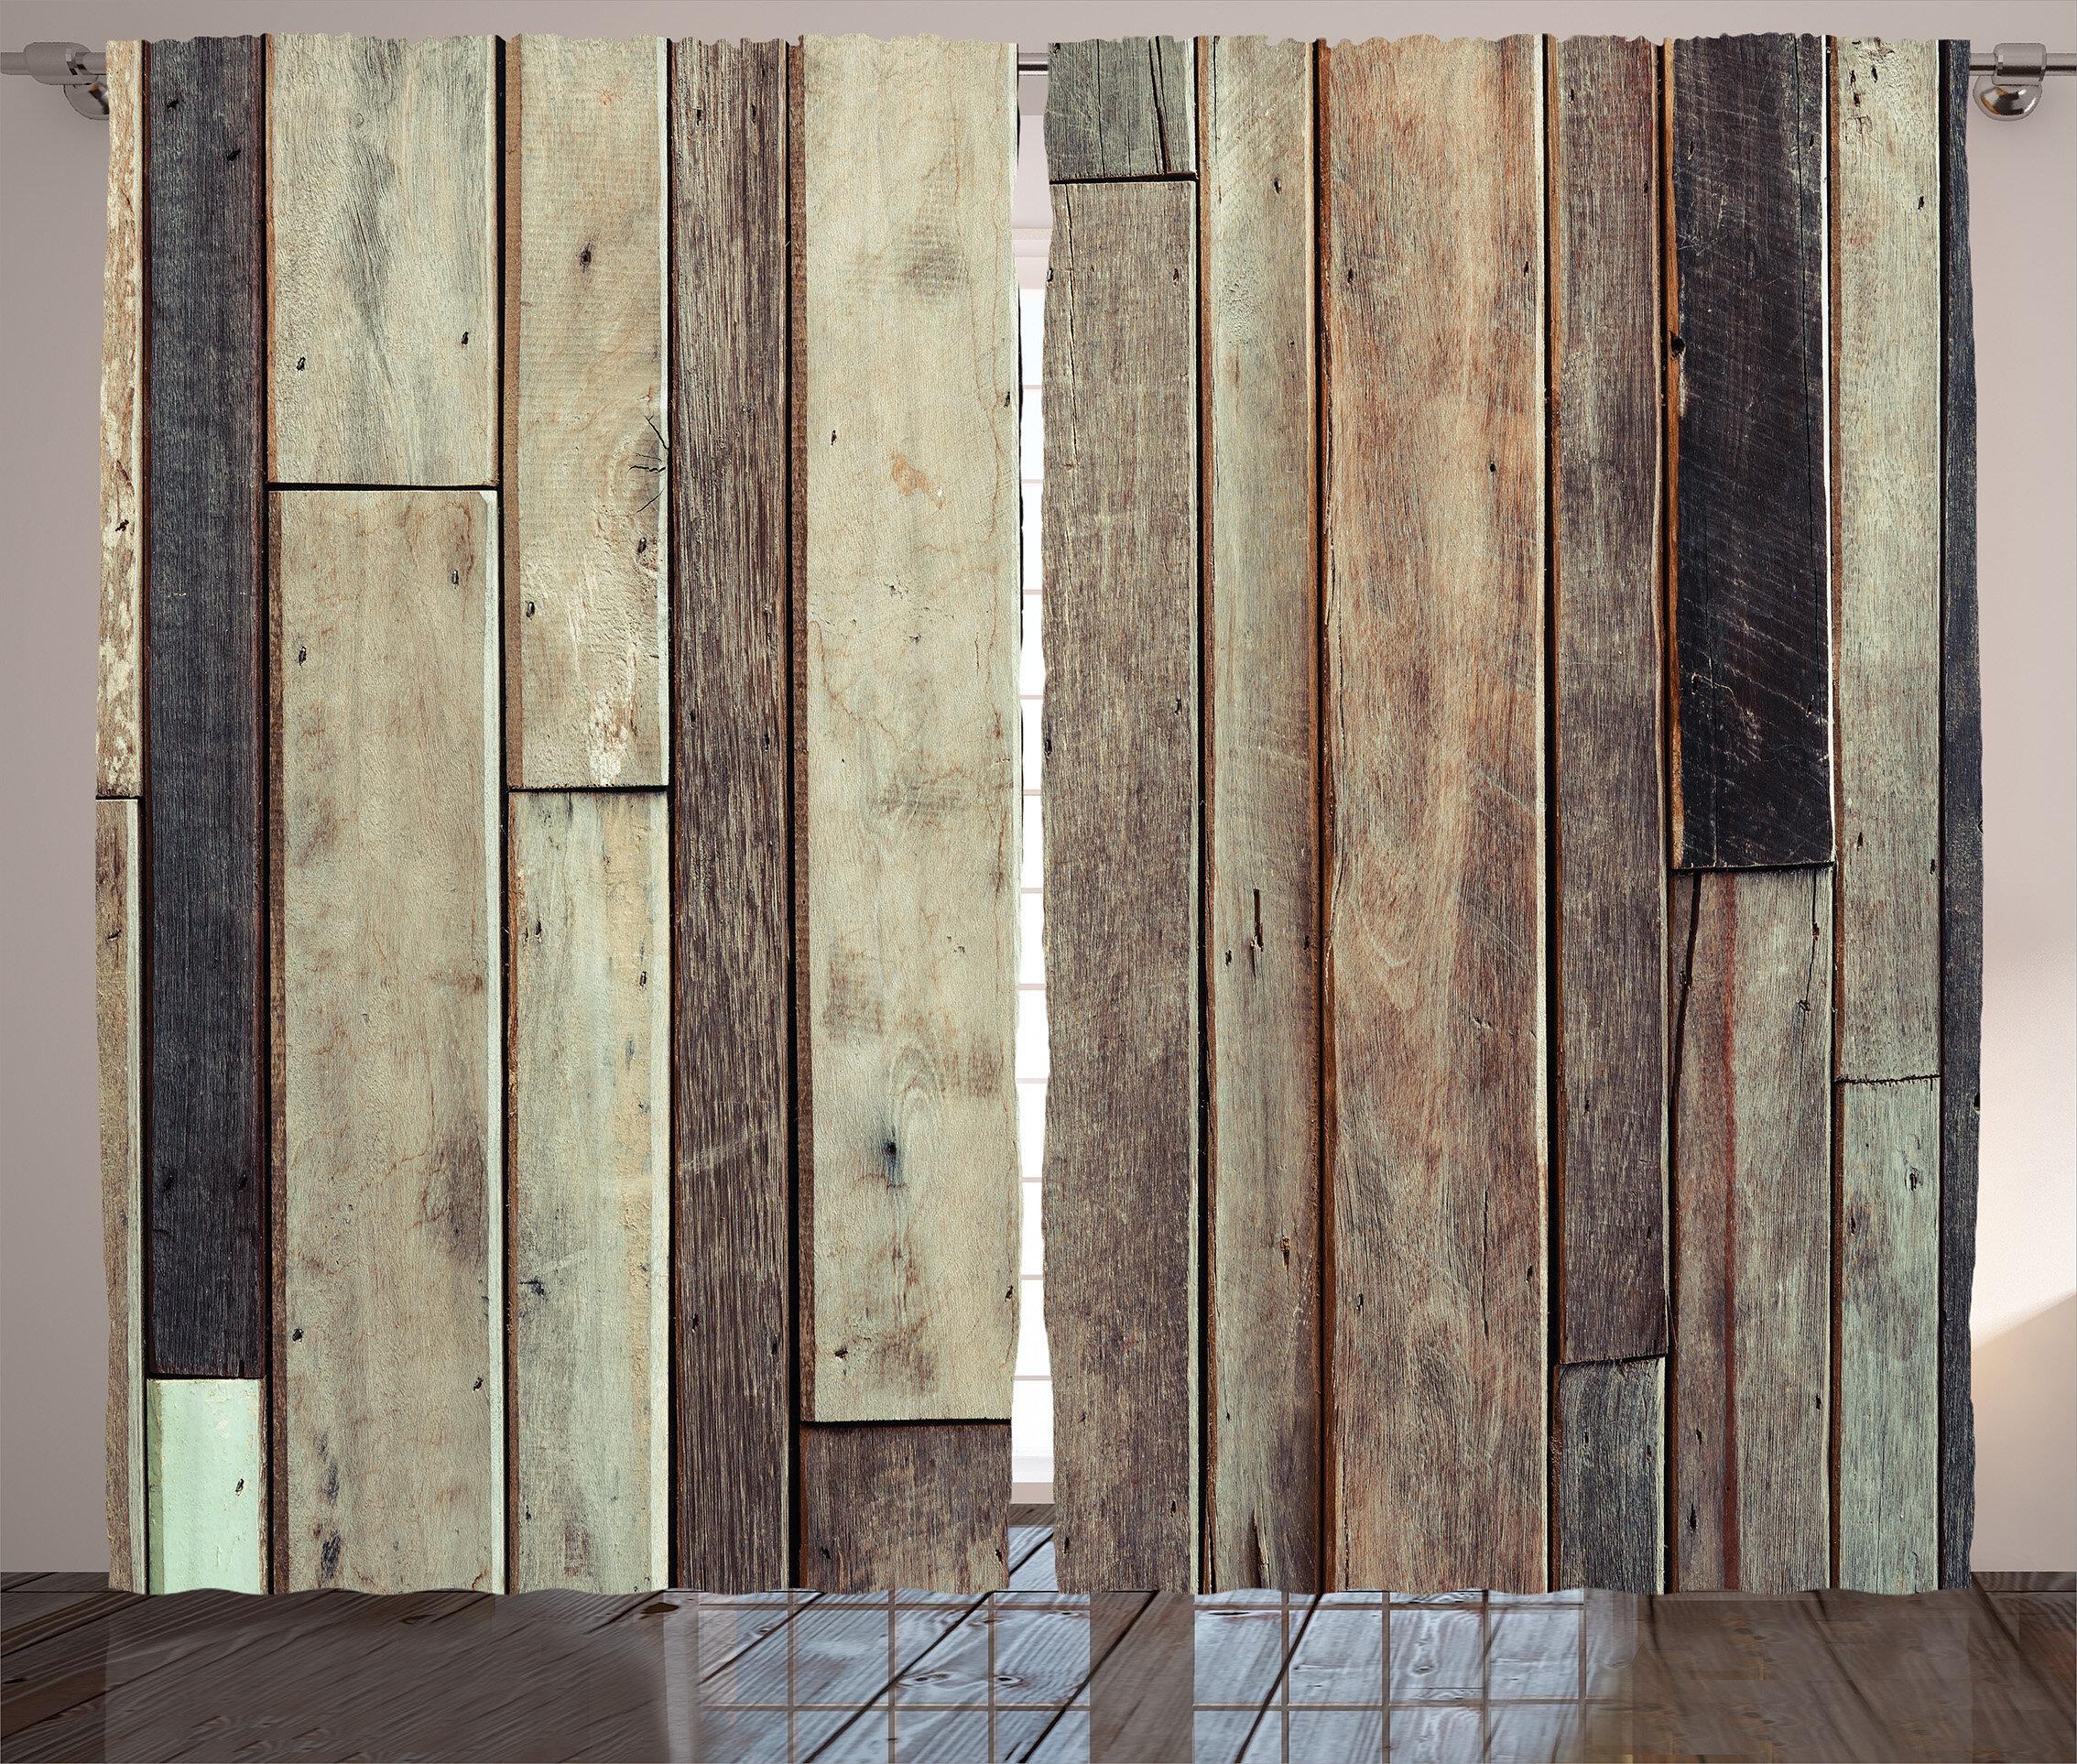 Impression Photo Planche Bois planches antiques en bois revêtement mural image style américain panneau  rustique occidental impression graphique impression graphique et texte tige